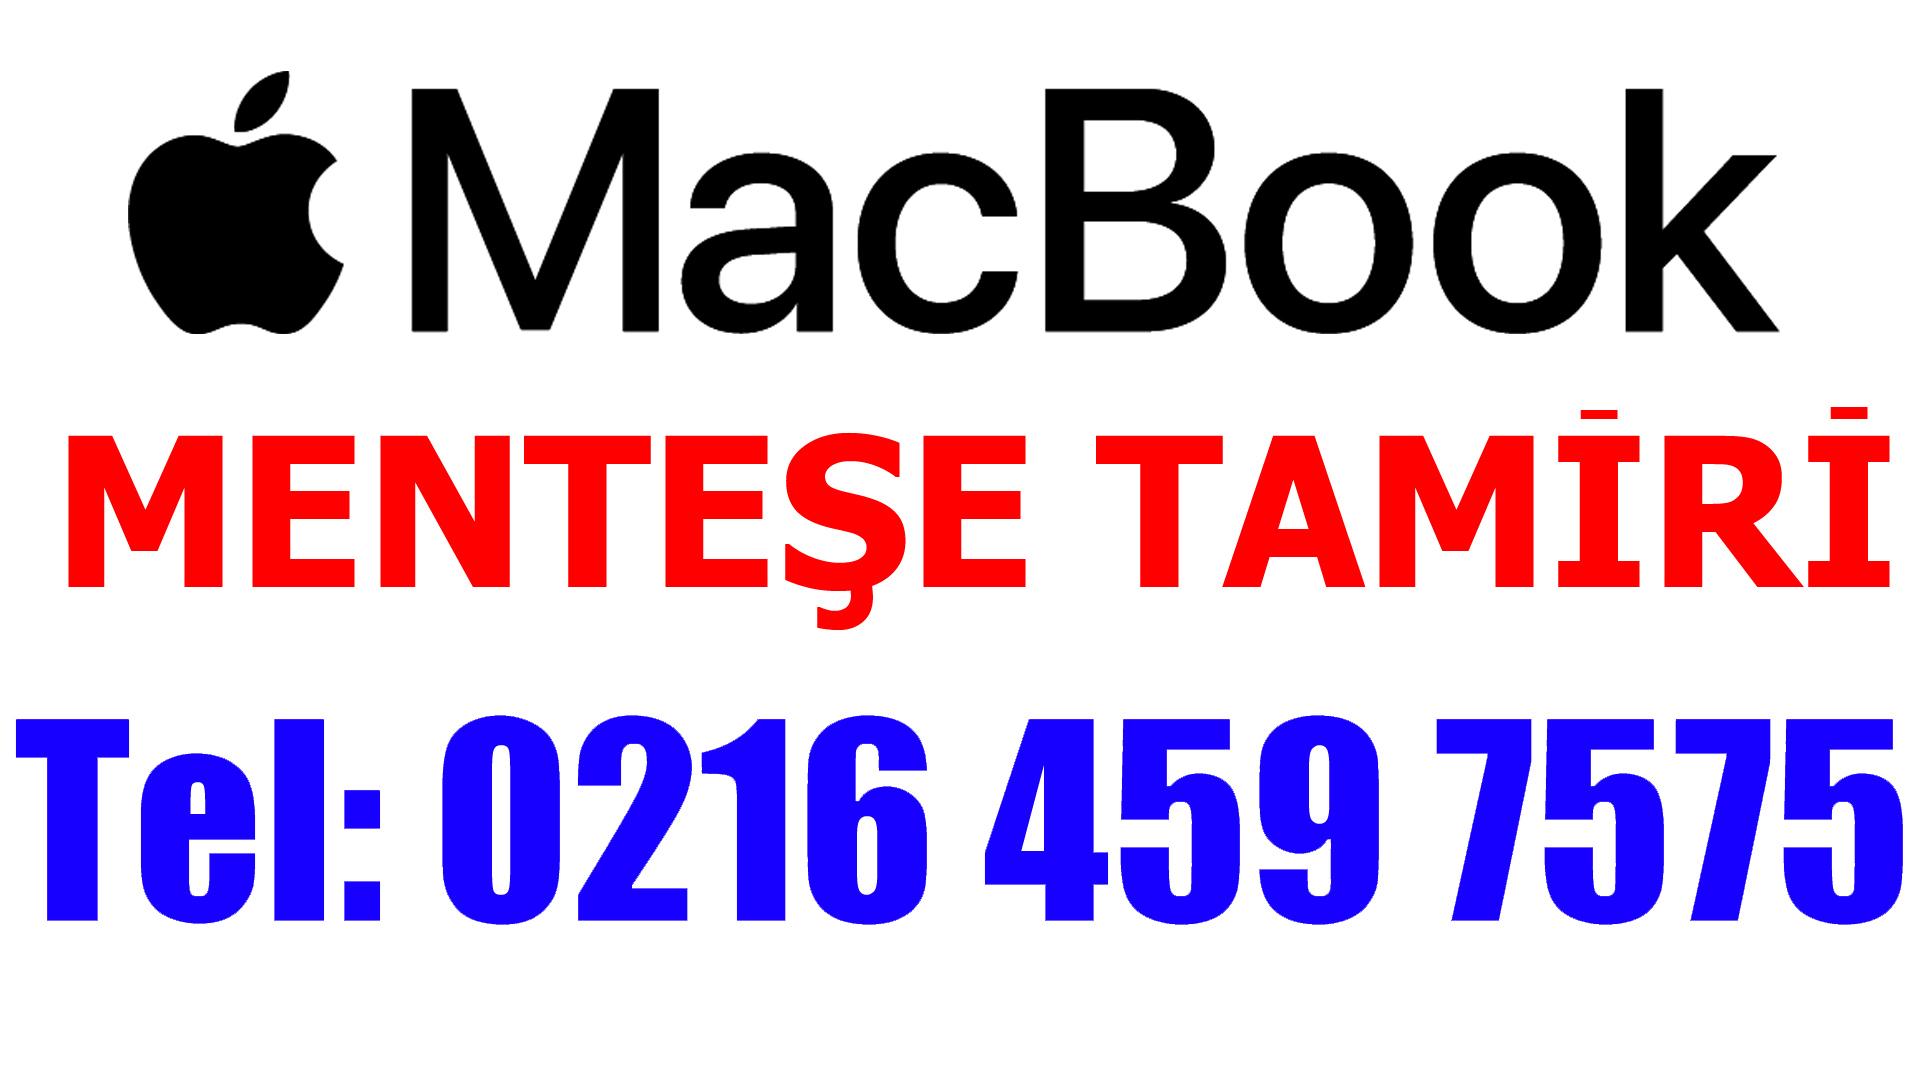 Macbook Menteşe Tamiri ve Değişimi